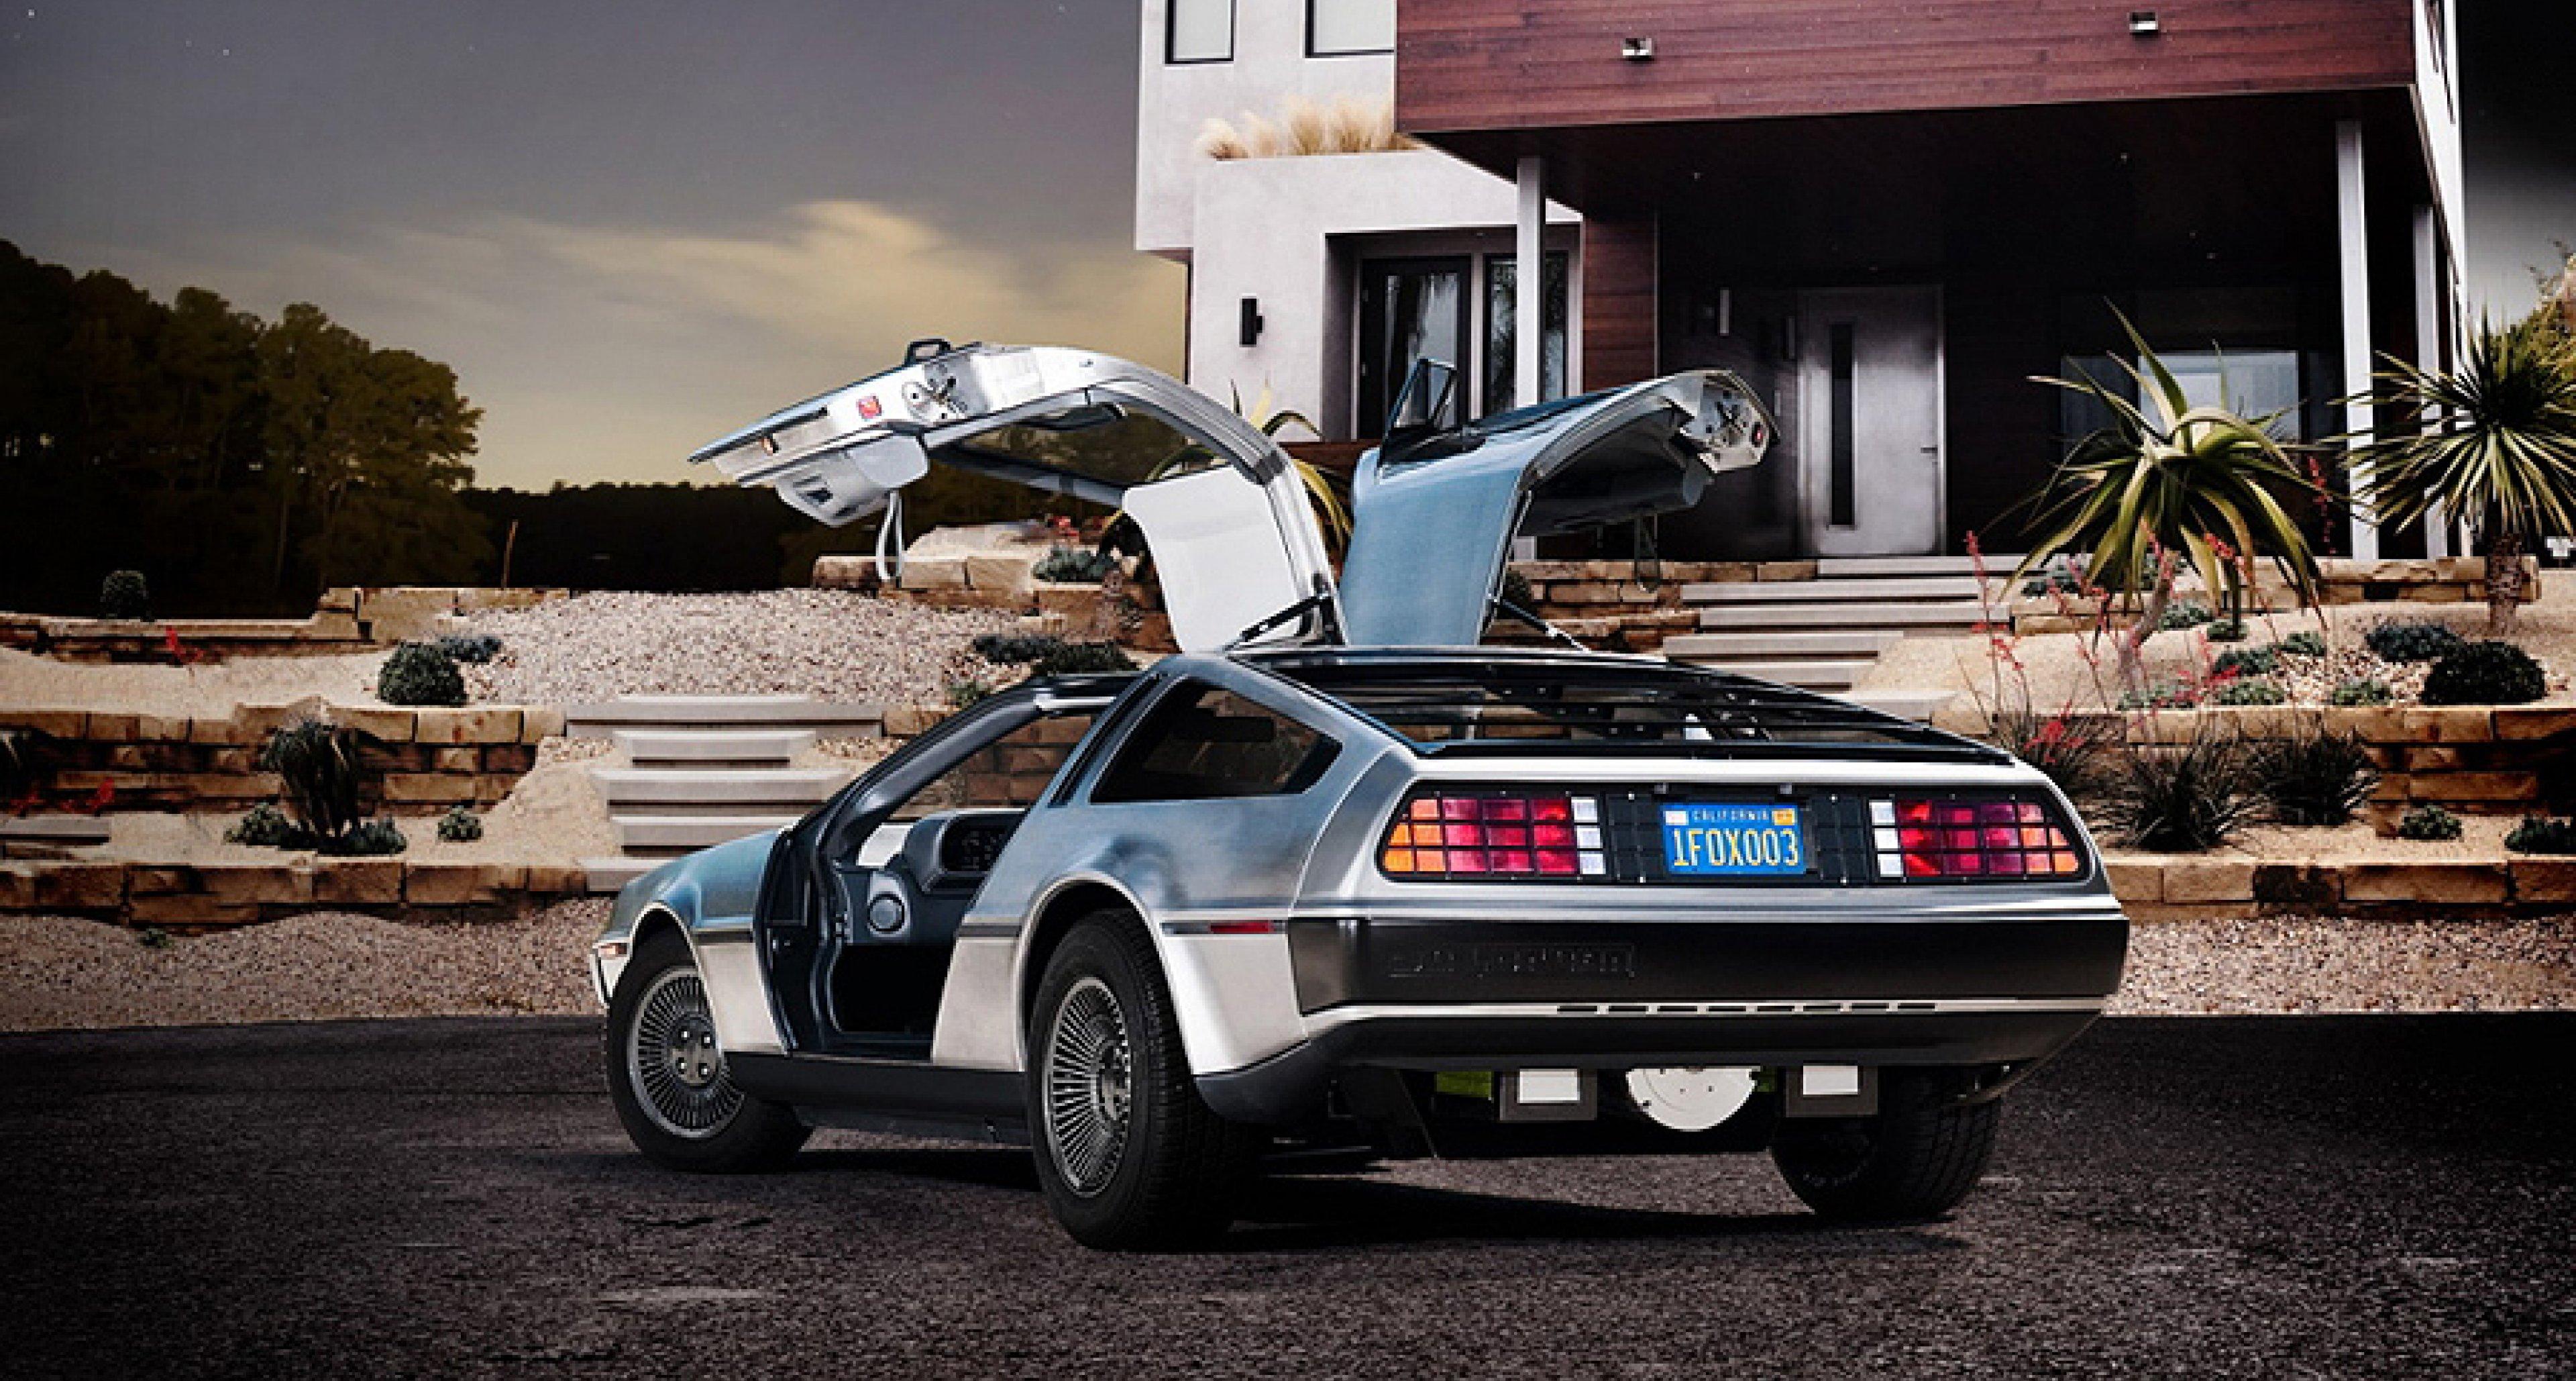 DeLorean DMC-12 Electric: Back from the Future